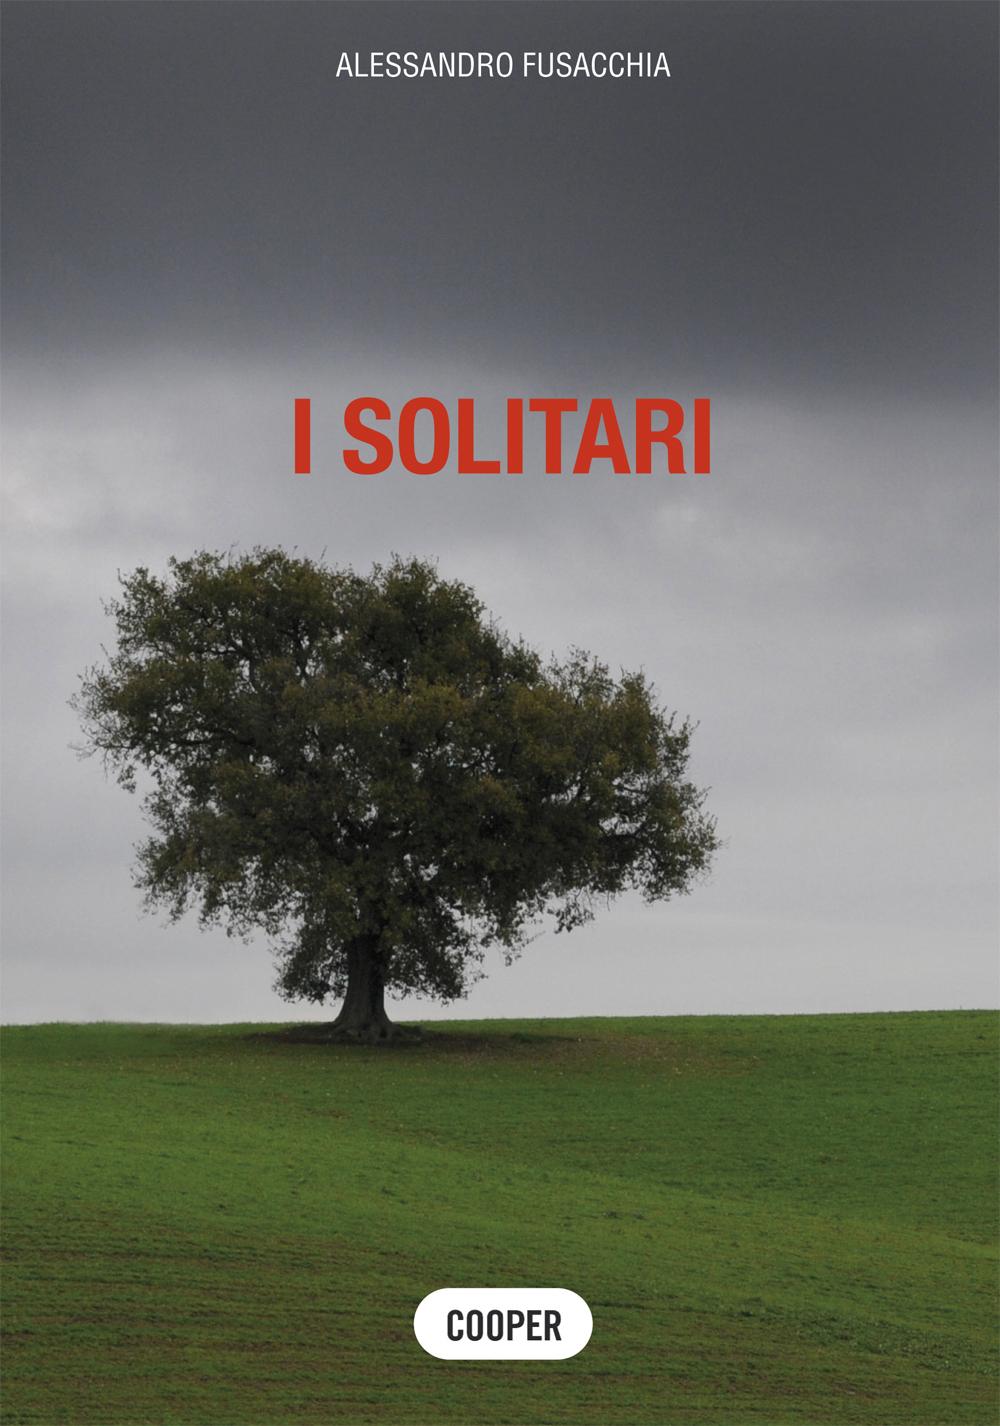 I SOLITARI